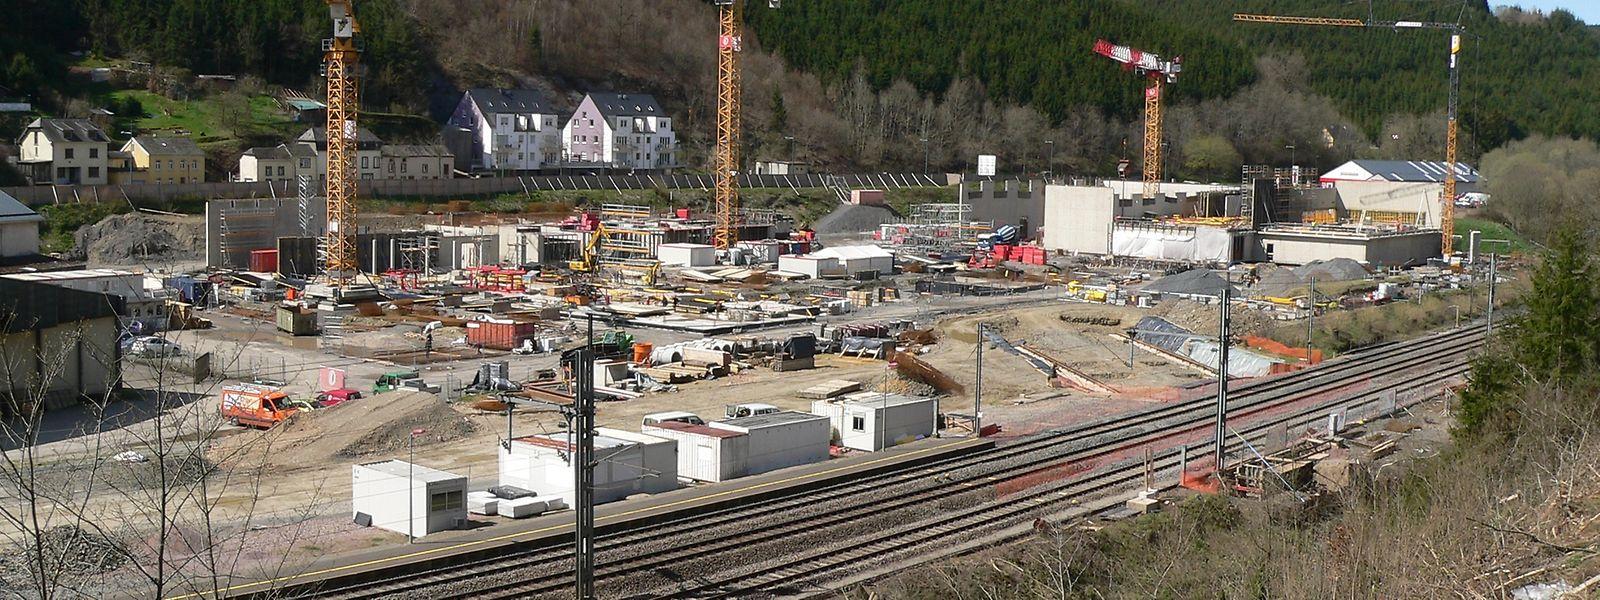 """In der Nähe des künftigen """"Lycee Edward Steichen"""" wird eine Brücke neu gebaut."""